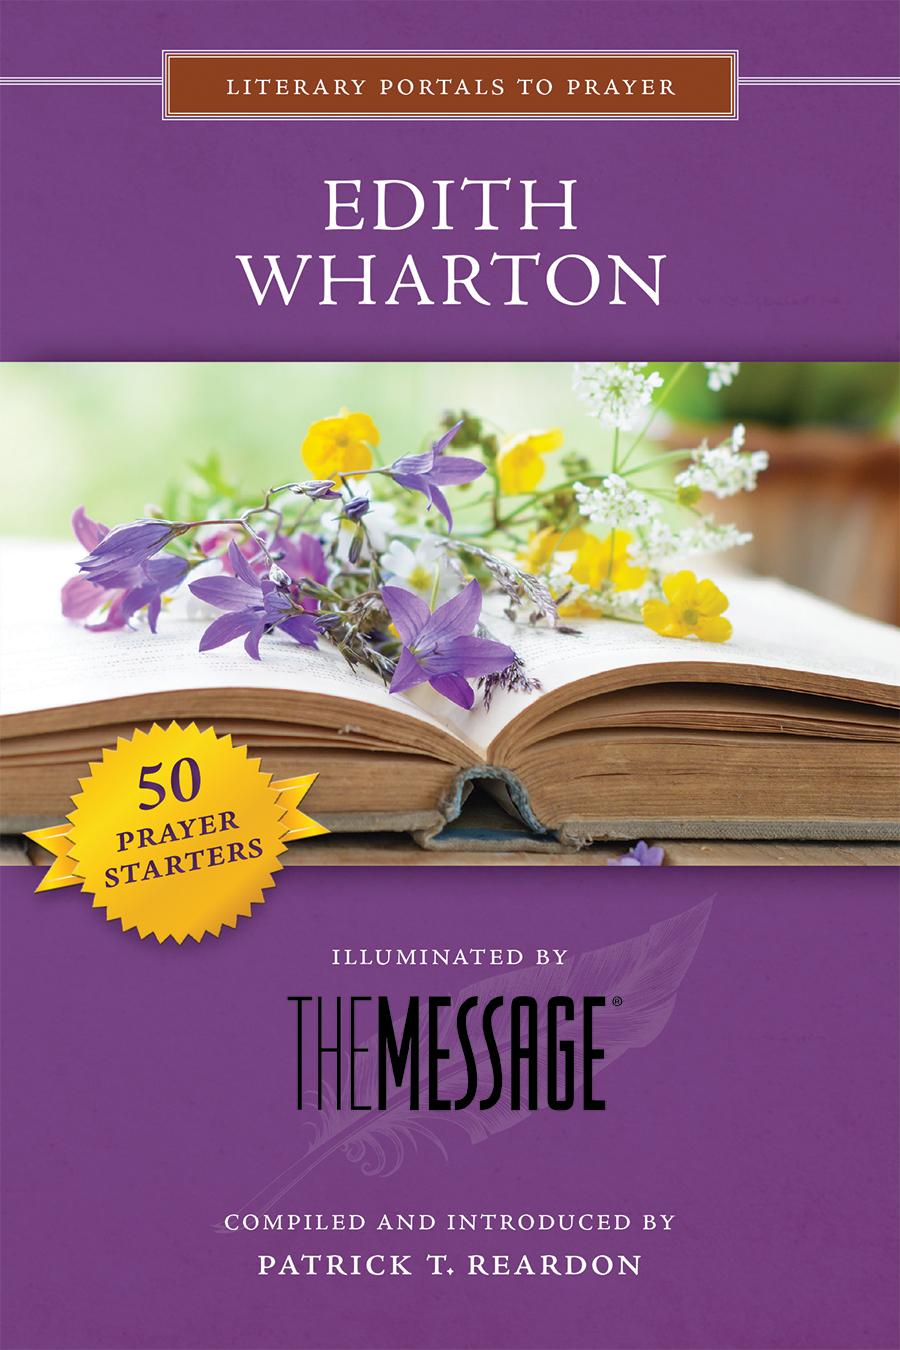 Edith Wharton, Illuminated by The Message